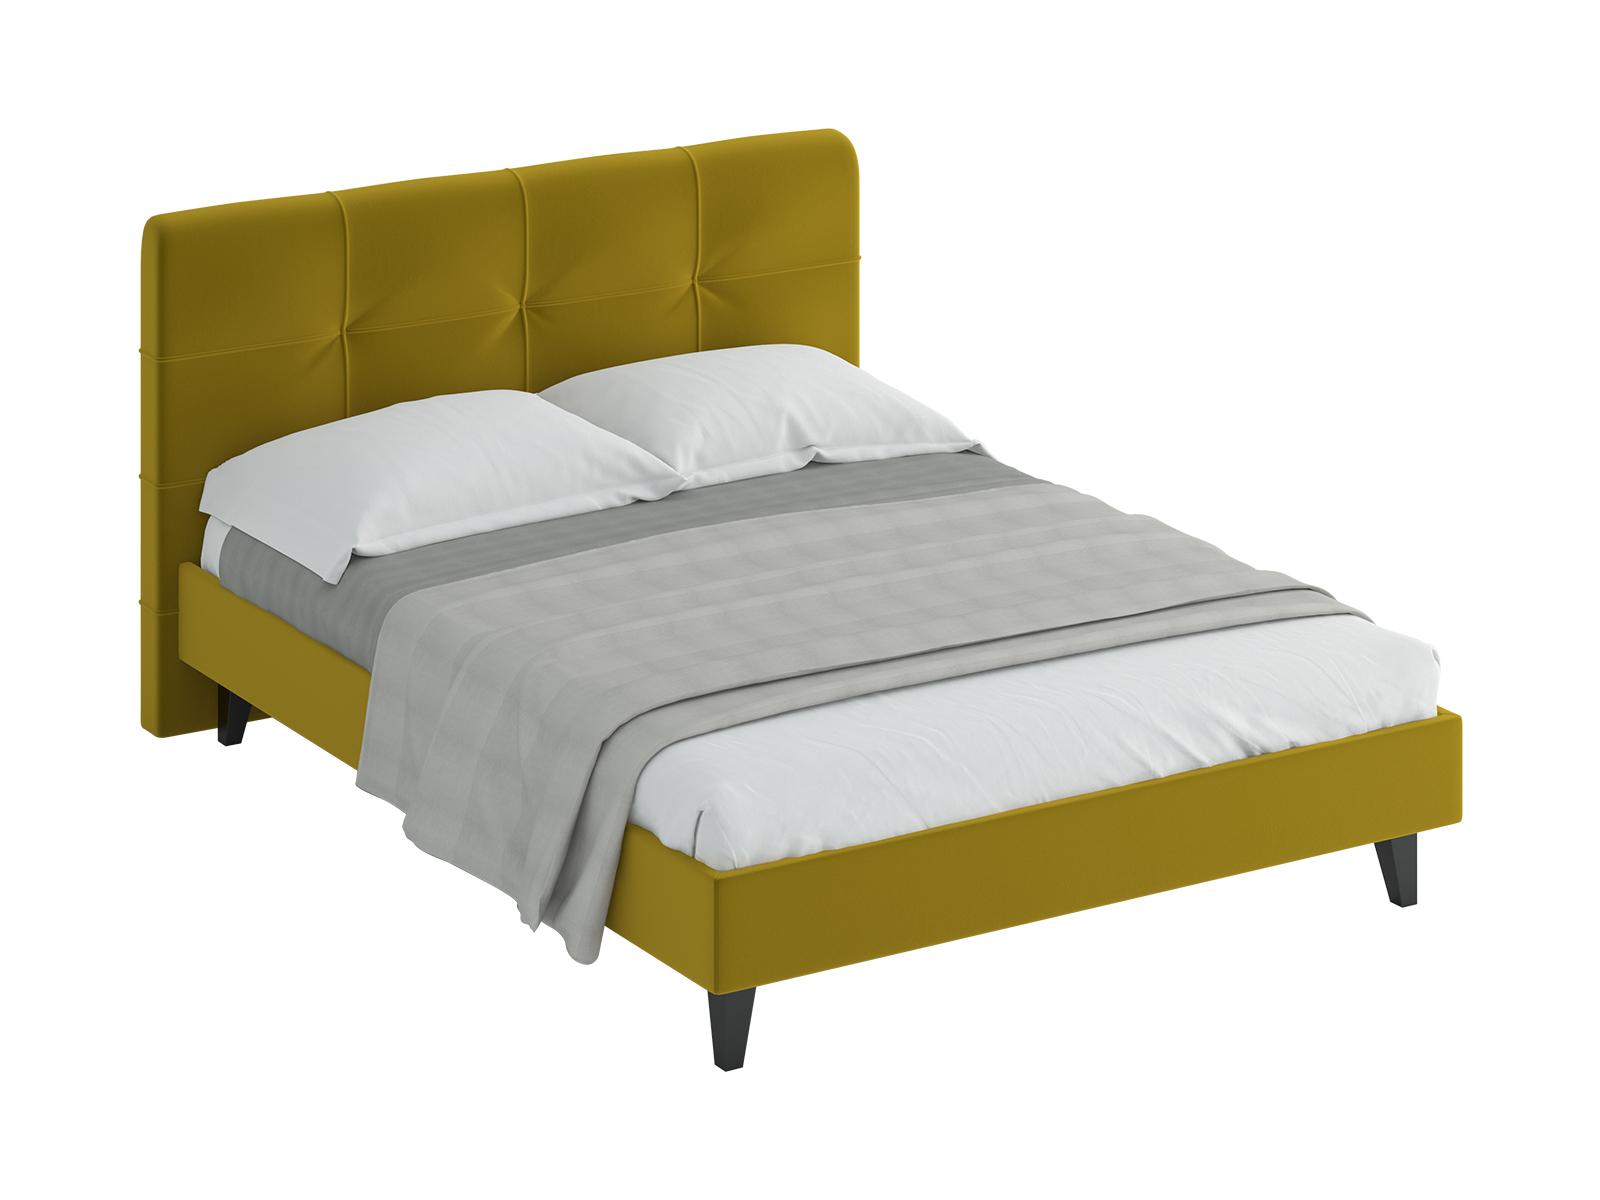 Кровать Queen AnnaКровати с мягким изголовьем<br>&amp;lt;div&amp;gt;Материал:&amp;lt;/div&amp;gt;&amp;lt;div&amp;gt;Обивка: ткань.&amp;lt;/div&amp;gt;&amp;lt;div&amp;gt;Основание: металлическое с эластичными латами из фанеры.&amp;lt;/div&amp;gt;&amp;lt;div&amp;gt;Ножки: массив дерева.&amp;lt;/div&amp;gt;&amp;lt;div&amp;gt;&amp;lt;br&amp;gt;&amp;lt;/div&amp;gt;&amp;lt;div&amp;gt;Размер спального места: 160х200см.&amp;lt;/div&amp;gt;<br><br>Material: Текстиль<br>Ширина см: 173.0<br>Высота см: 106<br>Глубина см: 216.0